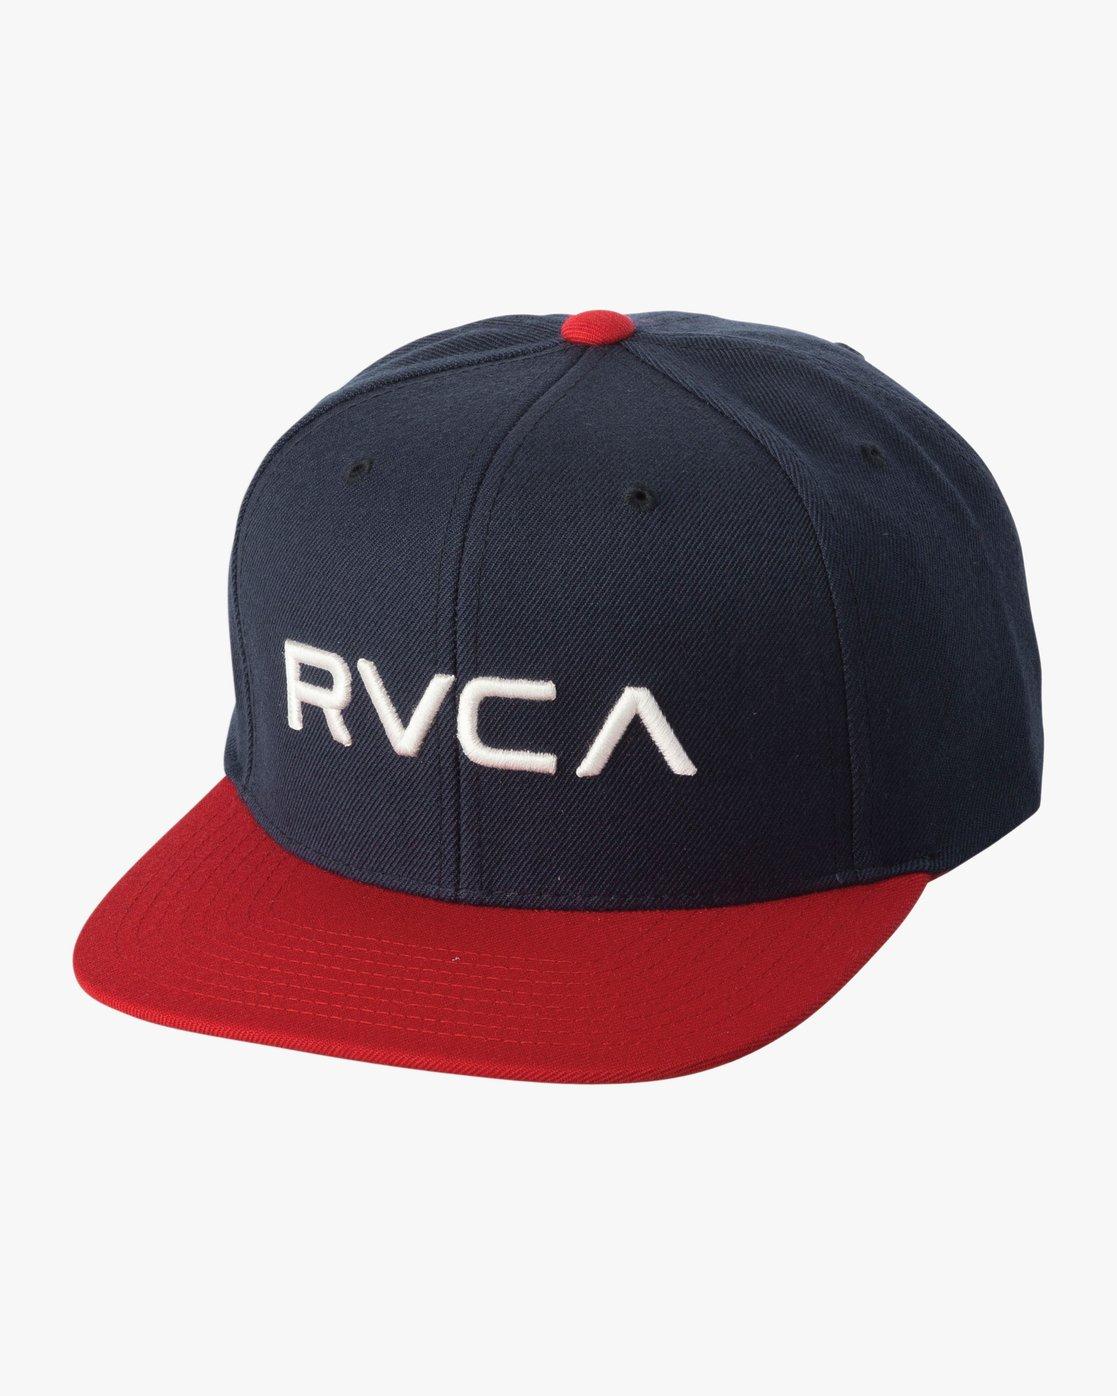 0 RVCA Twill III - Snapback Cap for Men Blau U5CPRSRVF5 RVCA